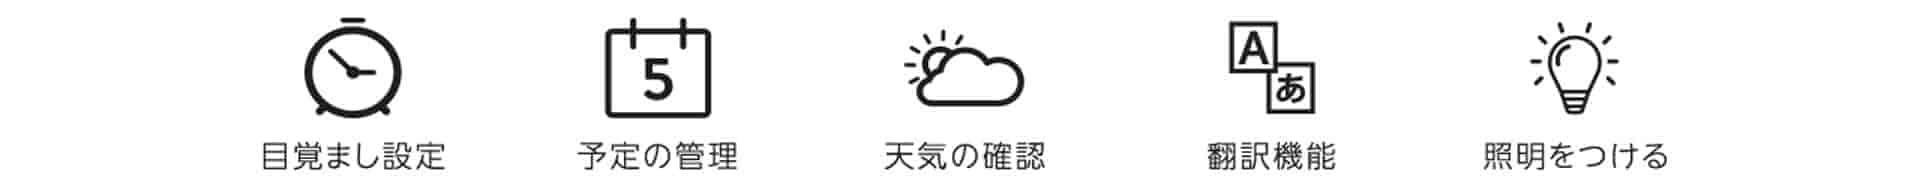 目覚まし設定・予定の管理・天気の確認・翻訳機能・照明をつける